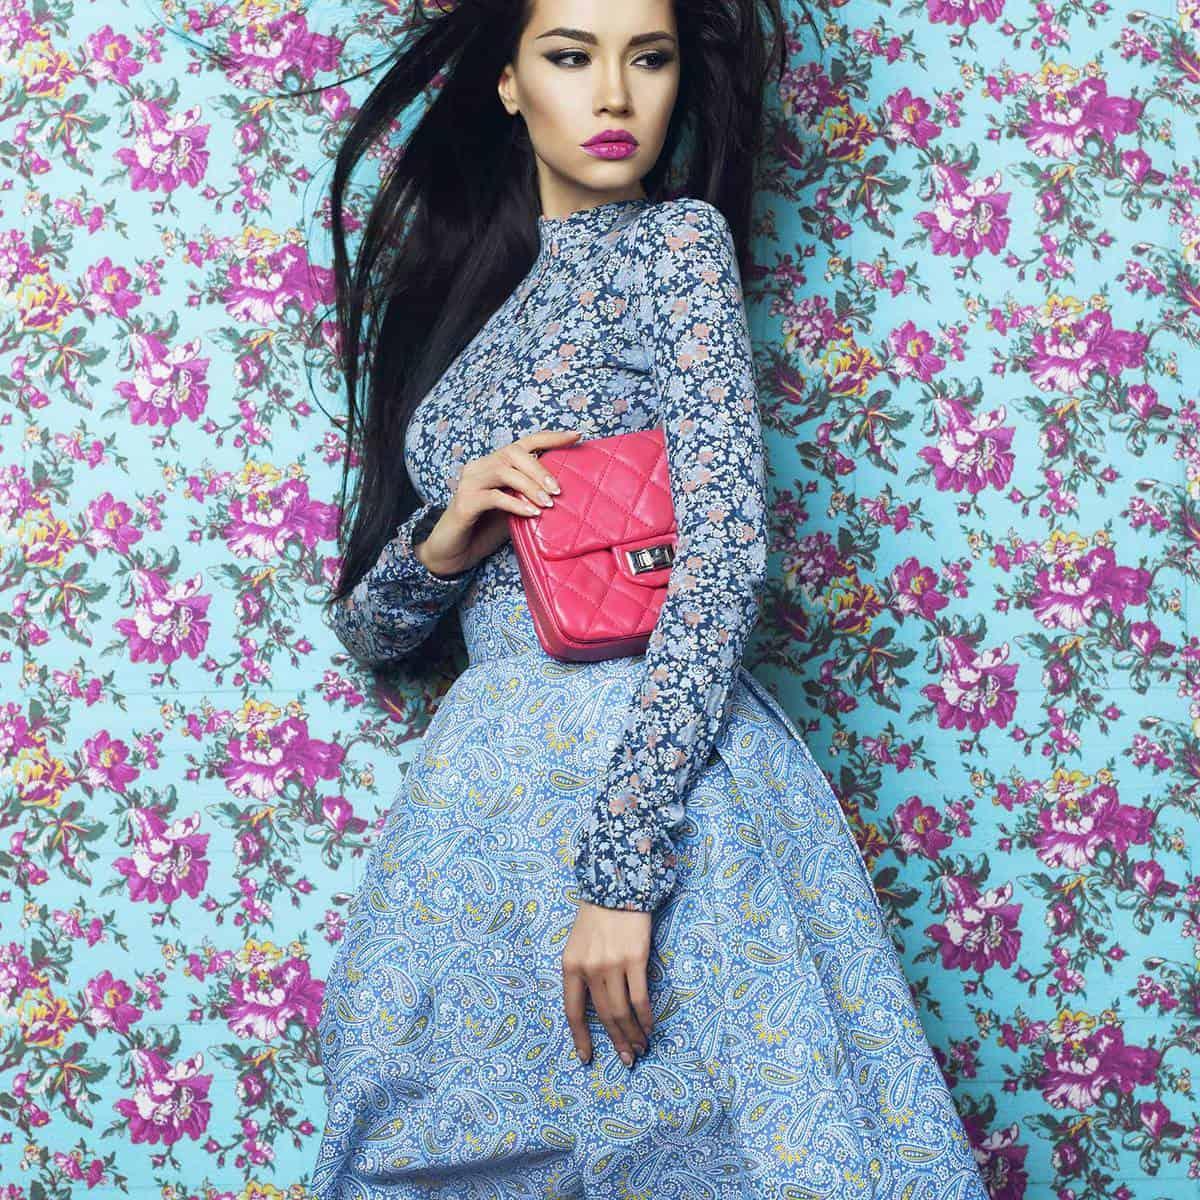 Elegant lady in blue floral dress on floral background